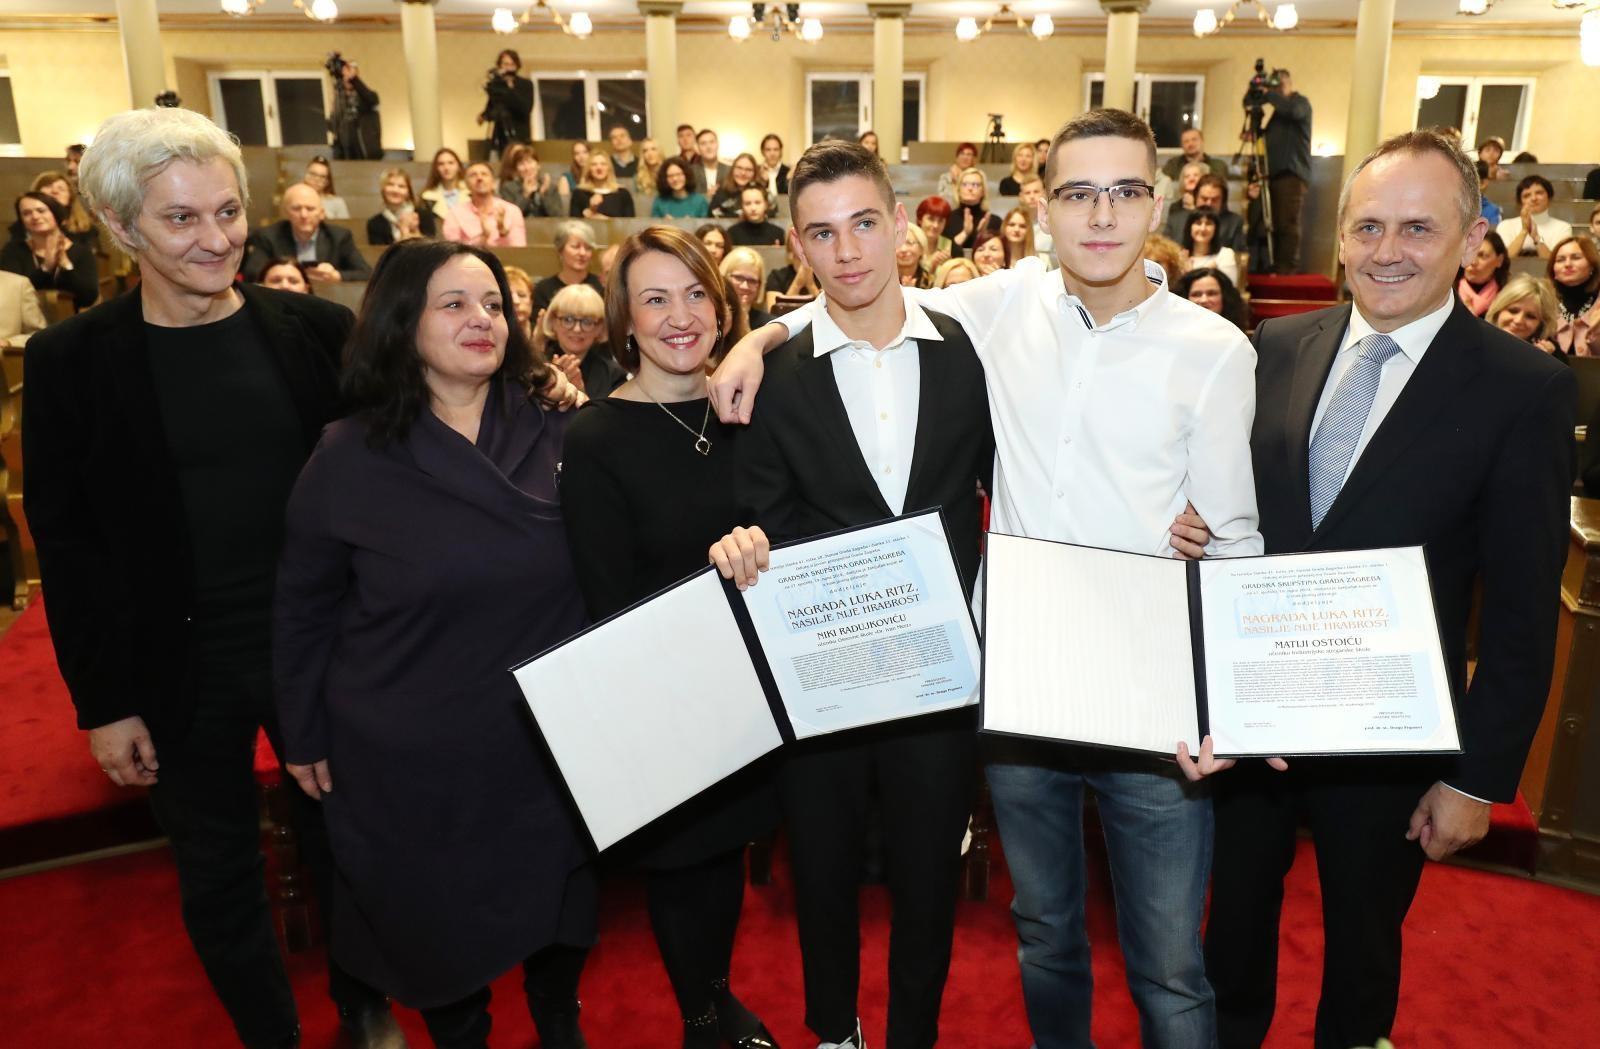 Niko Radujković i Matija Ostoić, dobitnici ovogodišnje Nagrade Luka Ritz – Nasilje nije hrabrost